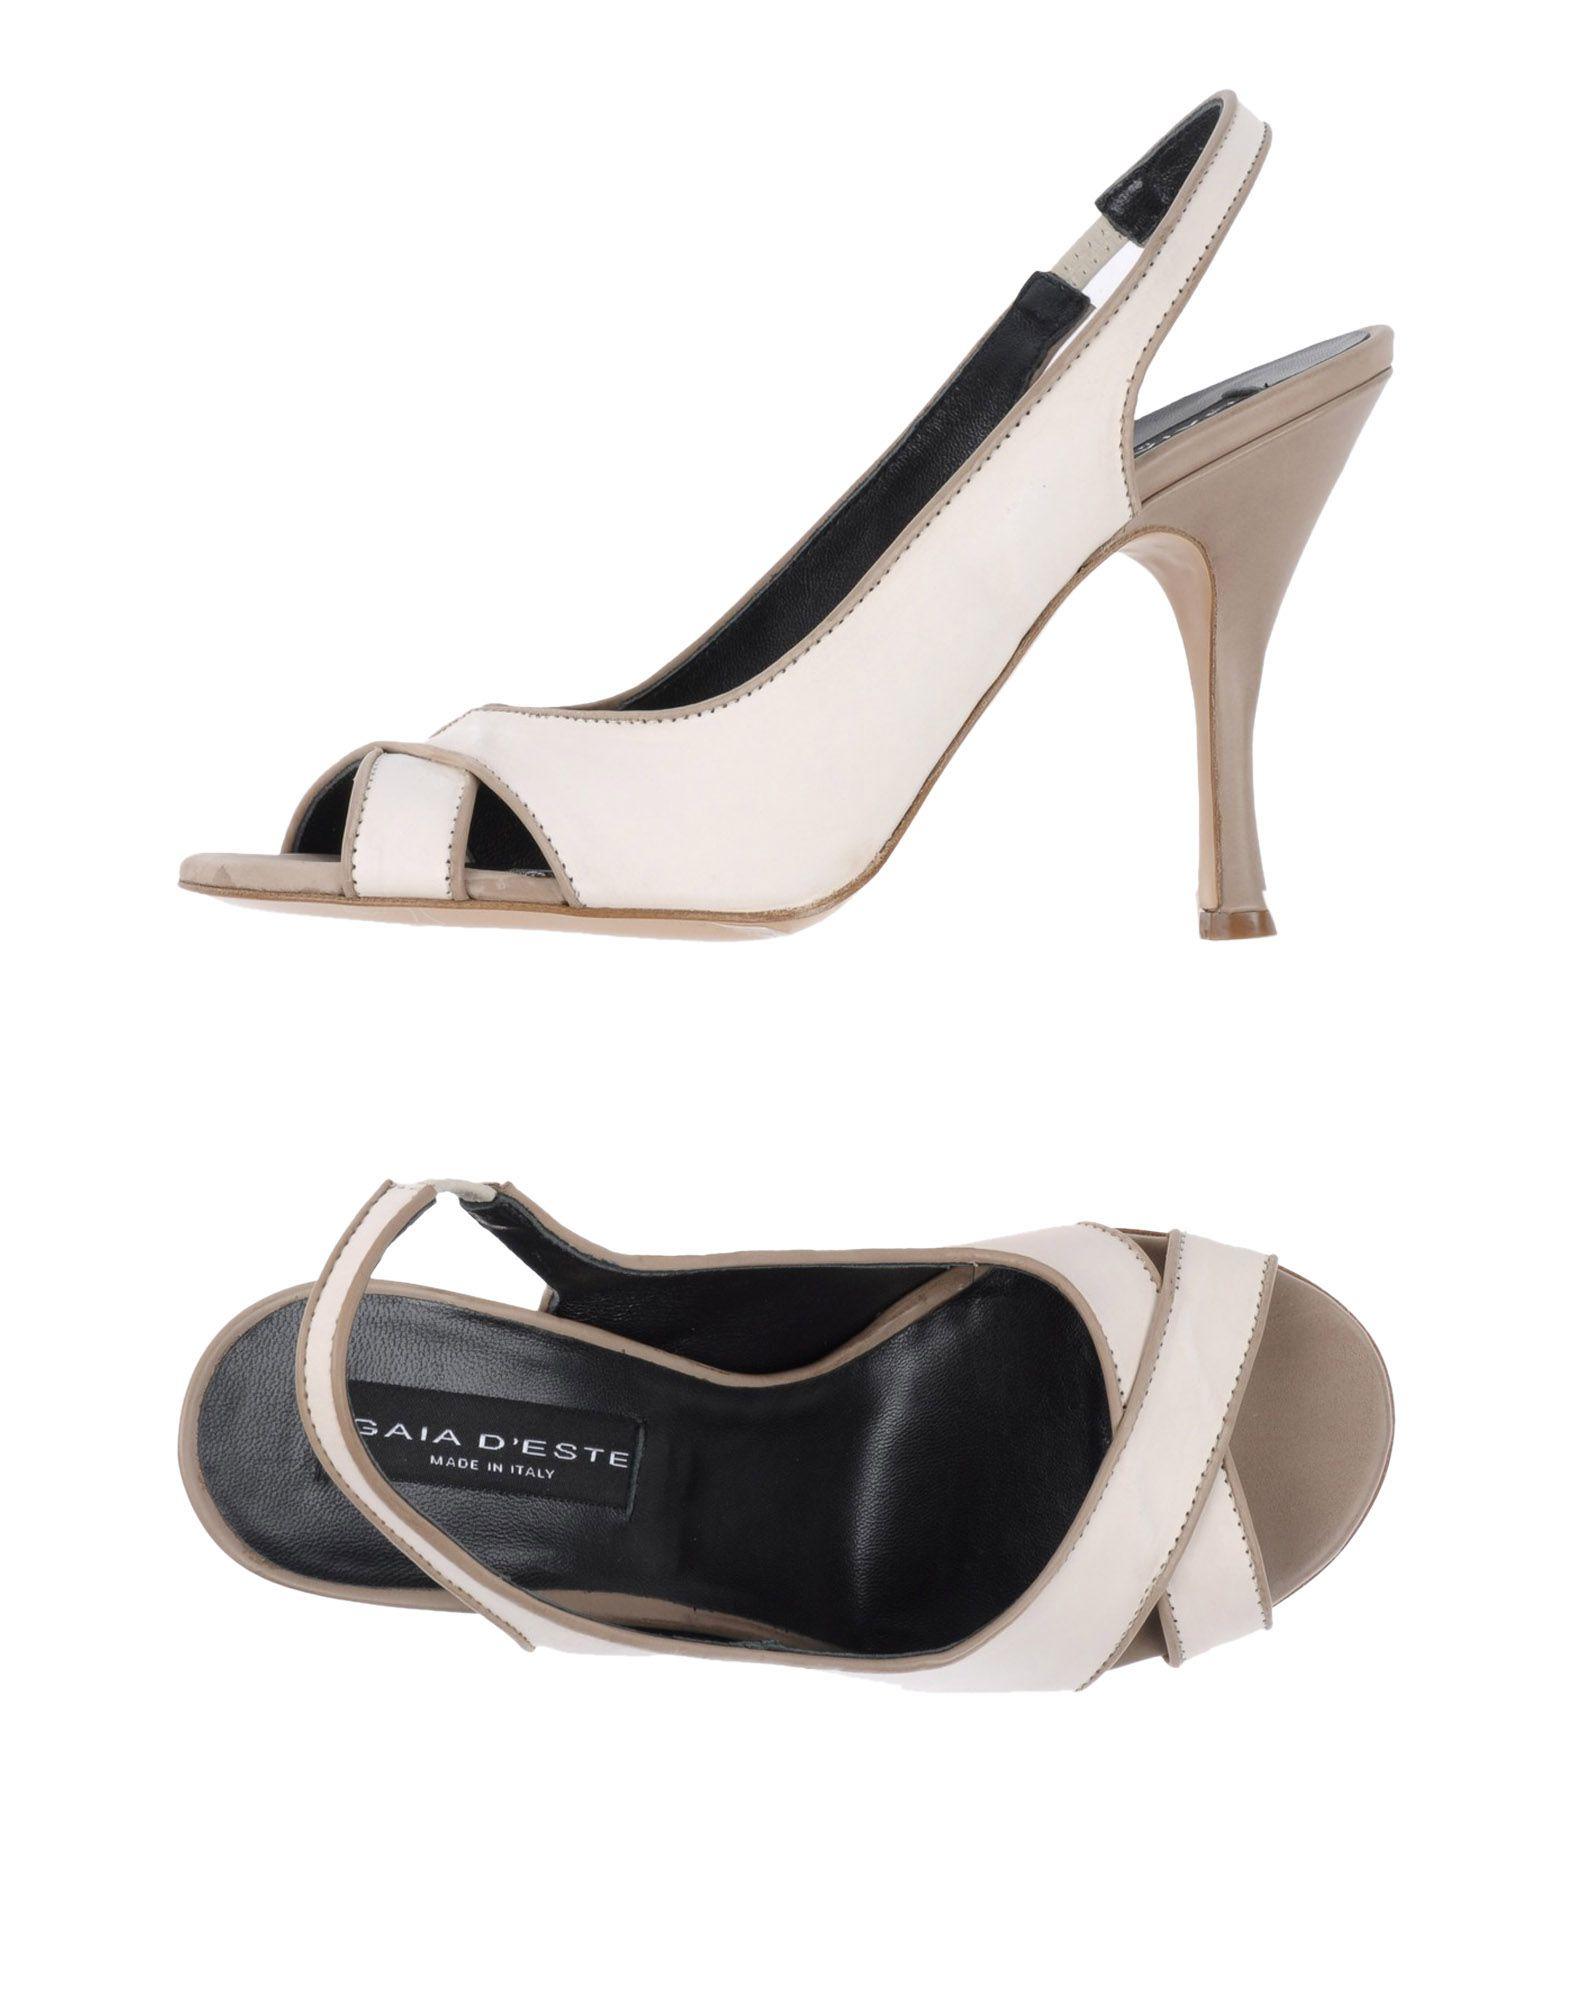 Gaia D'este Sandalen Damen  11156883DM Gute Qualität beliebte Schuhe